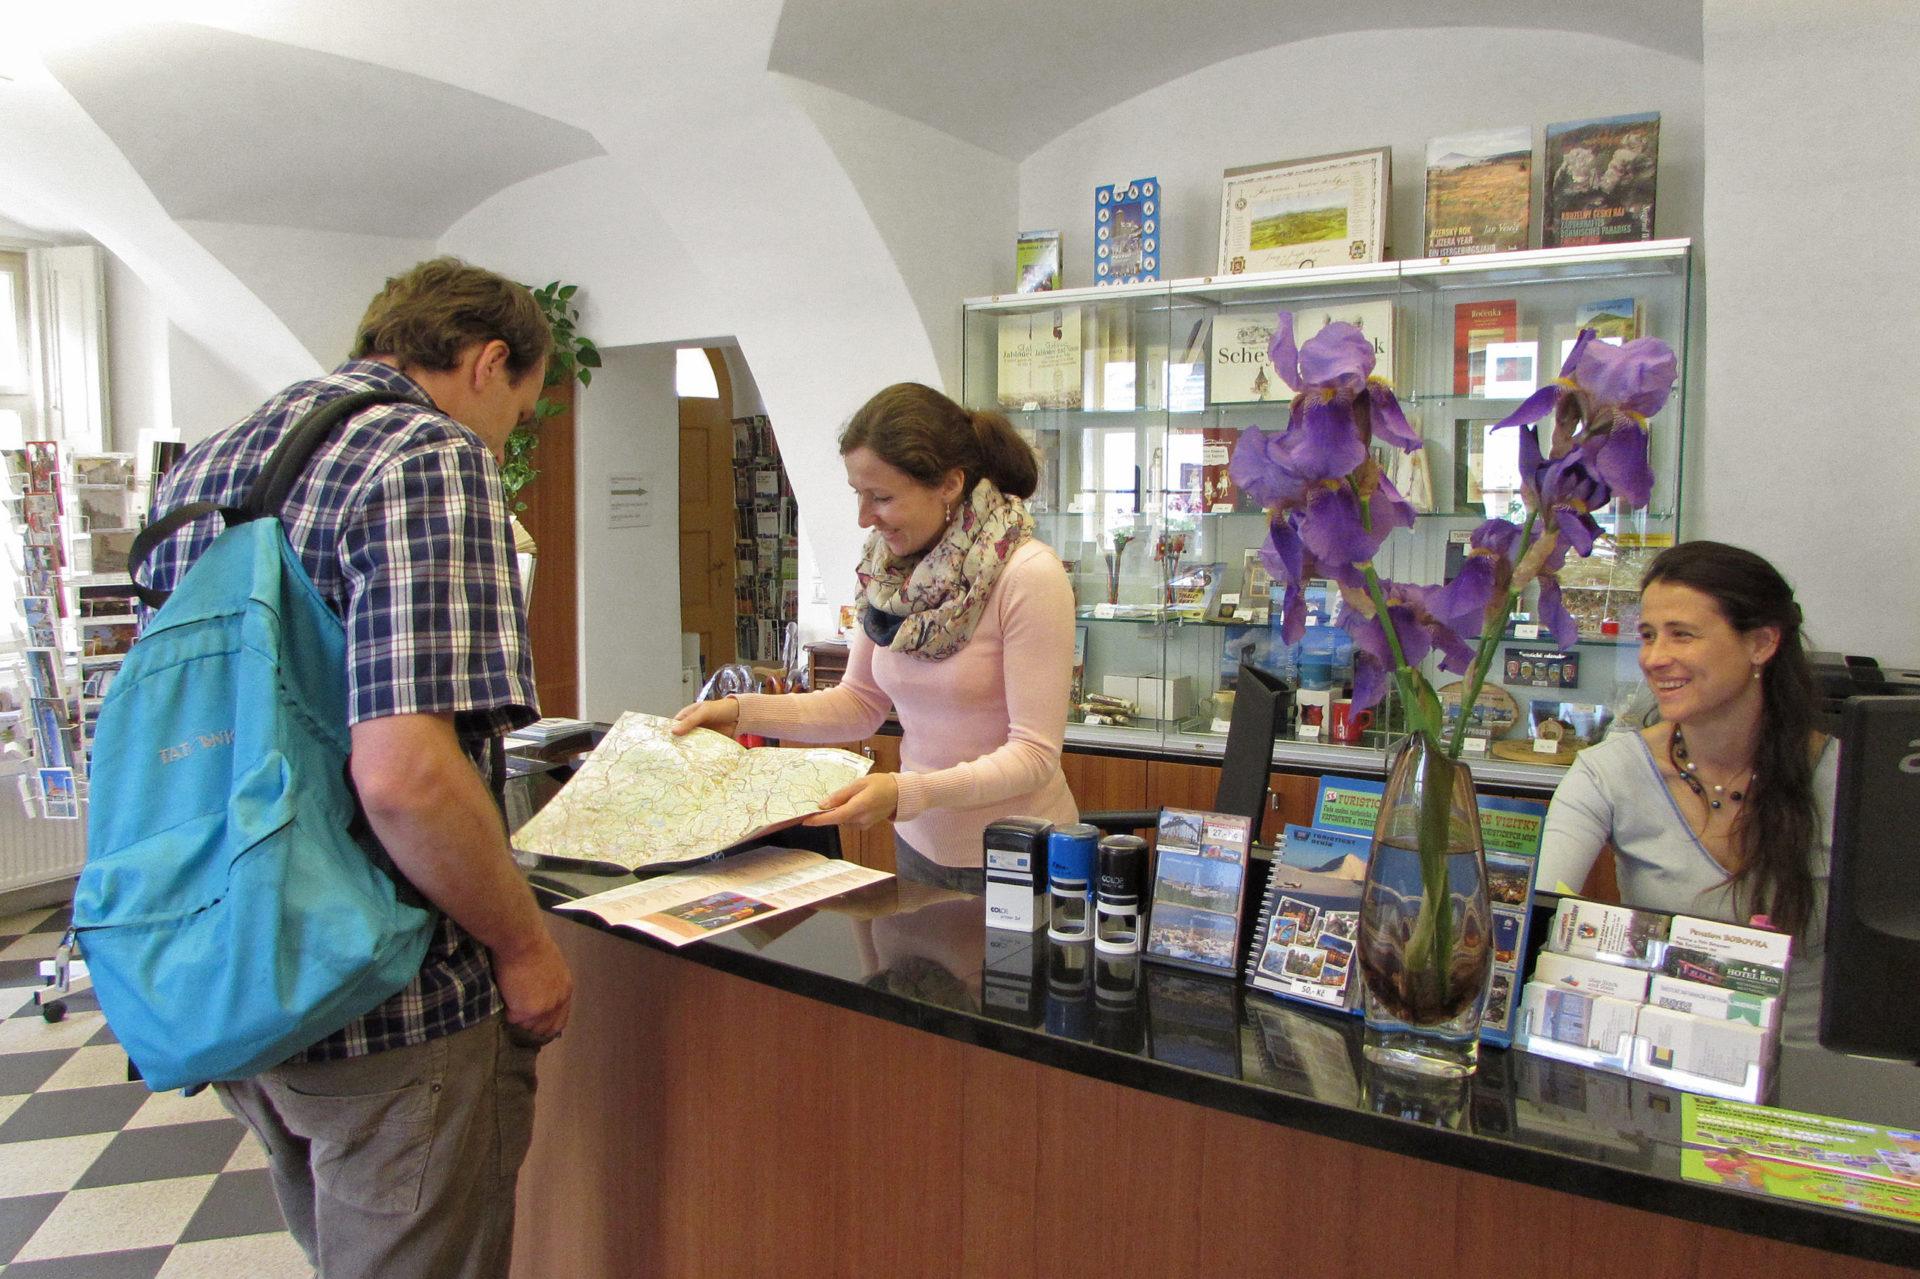 Pracovnice turistického infocentra v Jablonci nad Nisou obsluhují zákazníka a ukazují mu výletní cíle na mapě Jizerských hor.